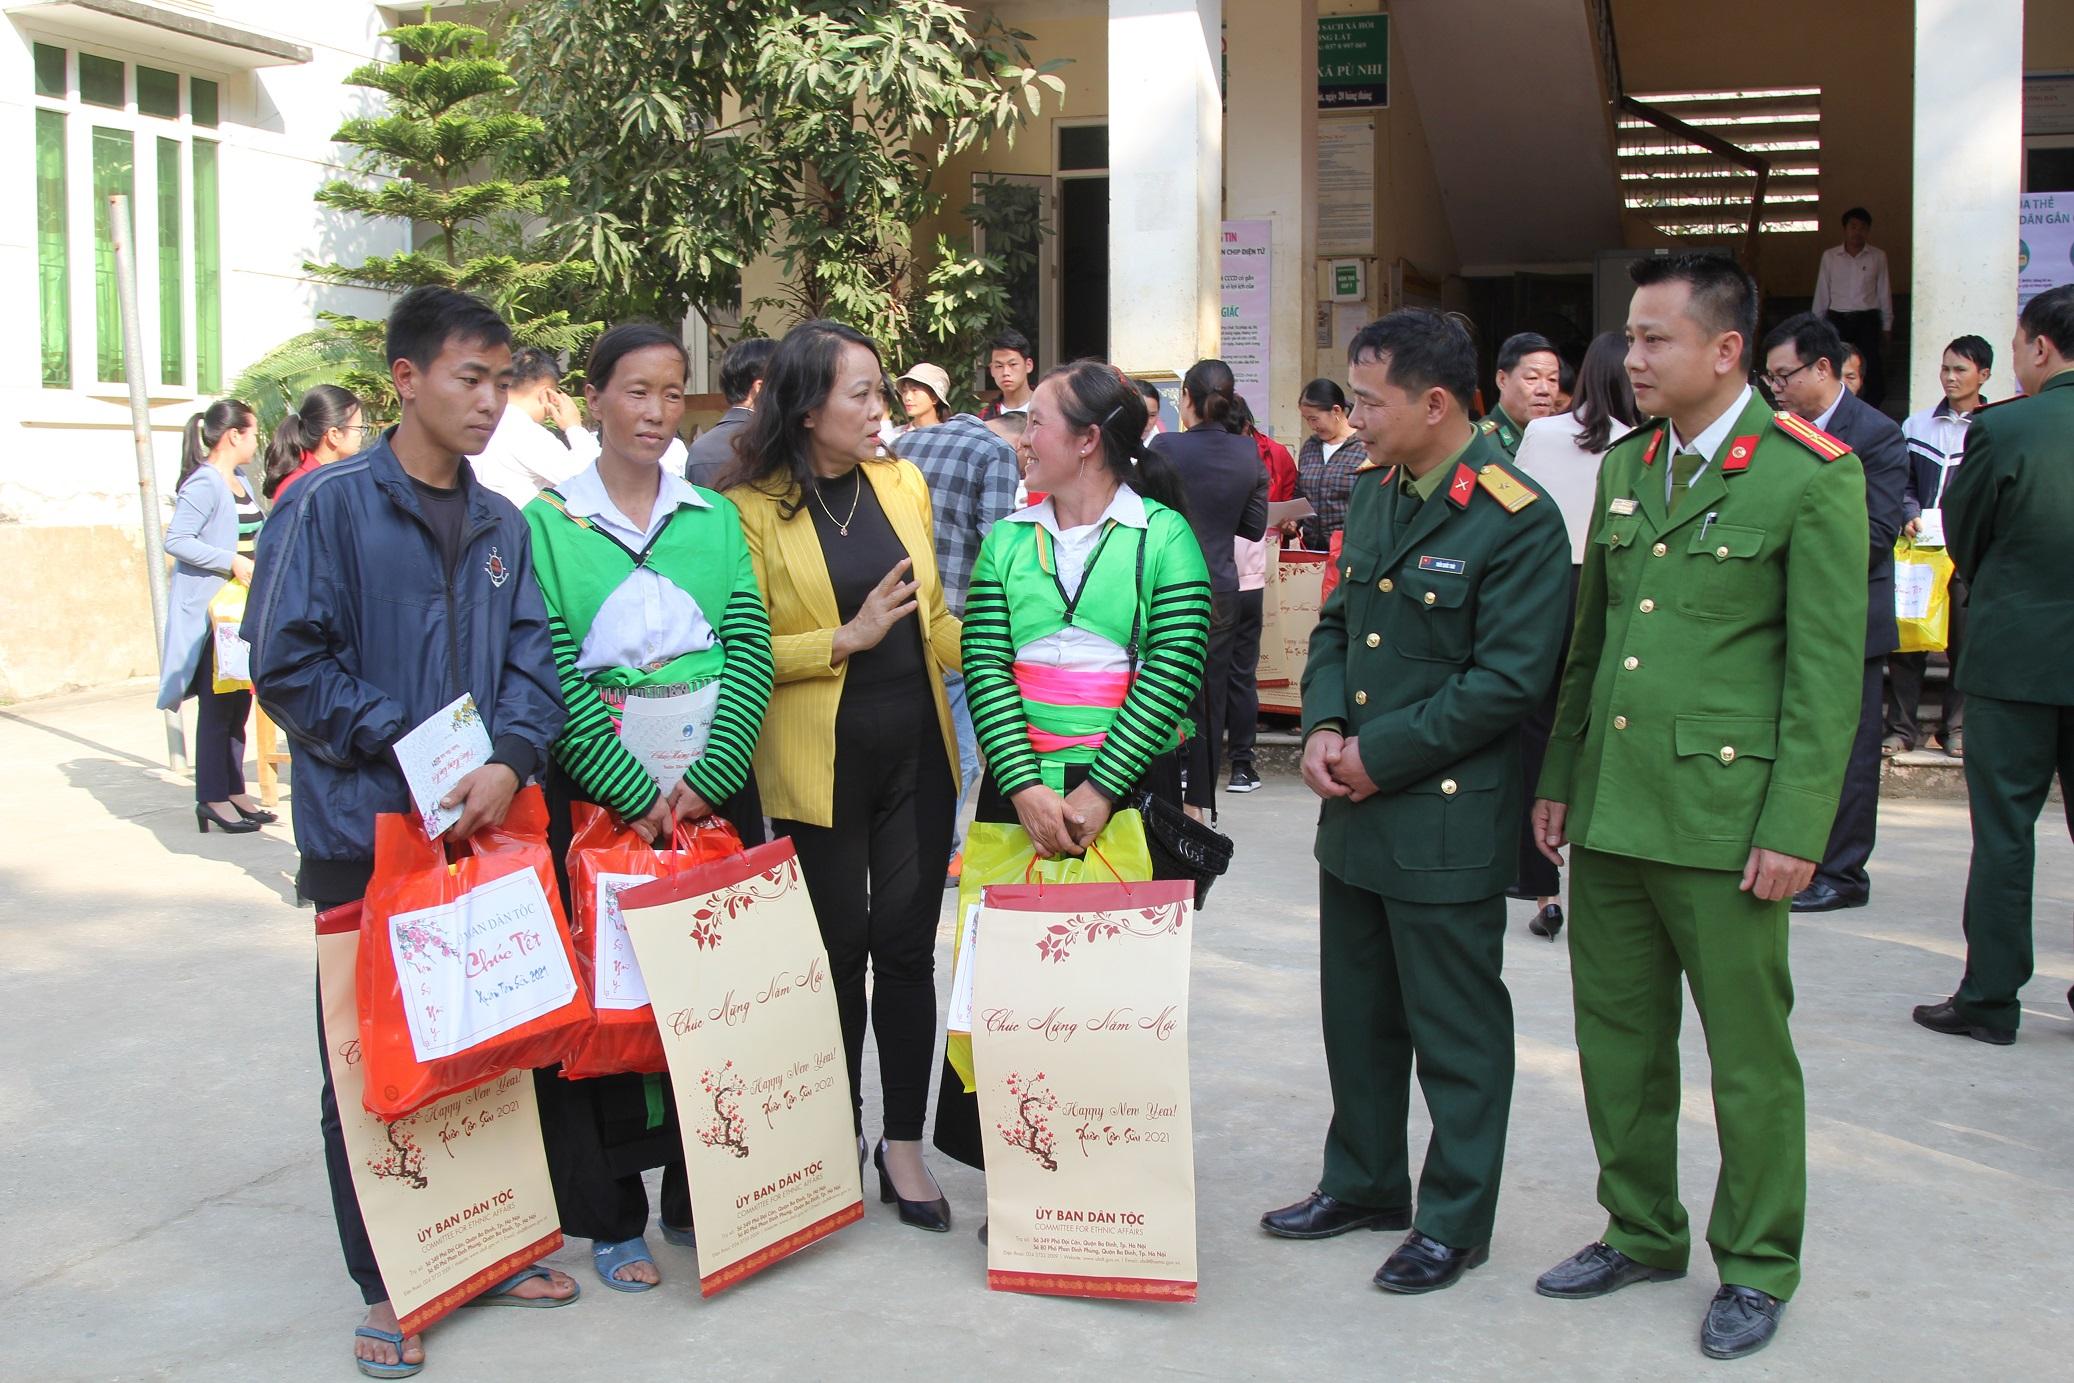 Thứ trưởng, Phó Chủ nhiệm Ủy ban Dân tộc Hoàng Thị Hạnh (thứ ba từ trái sang) trò chuyện với đồng bào Mông xã Pù Nhi, huyện Mường Lát (Tháng 01/2021)